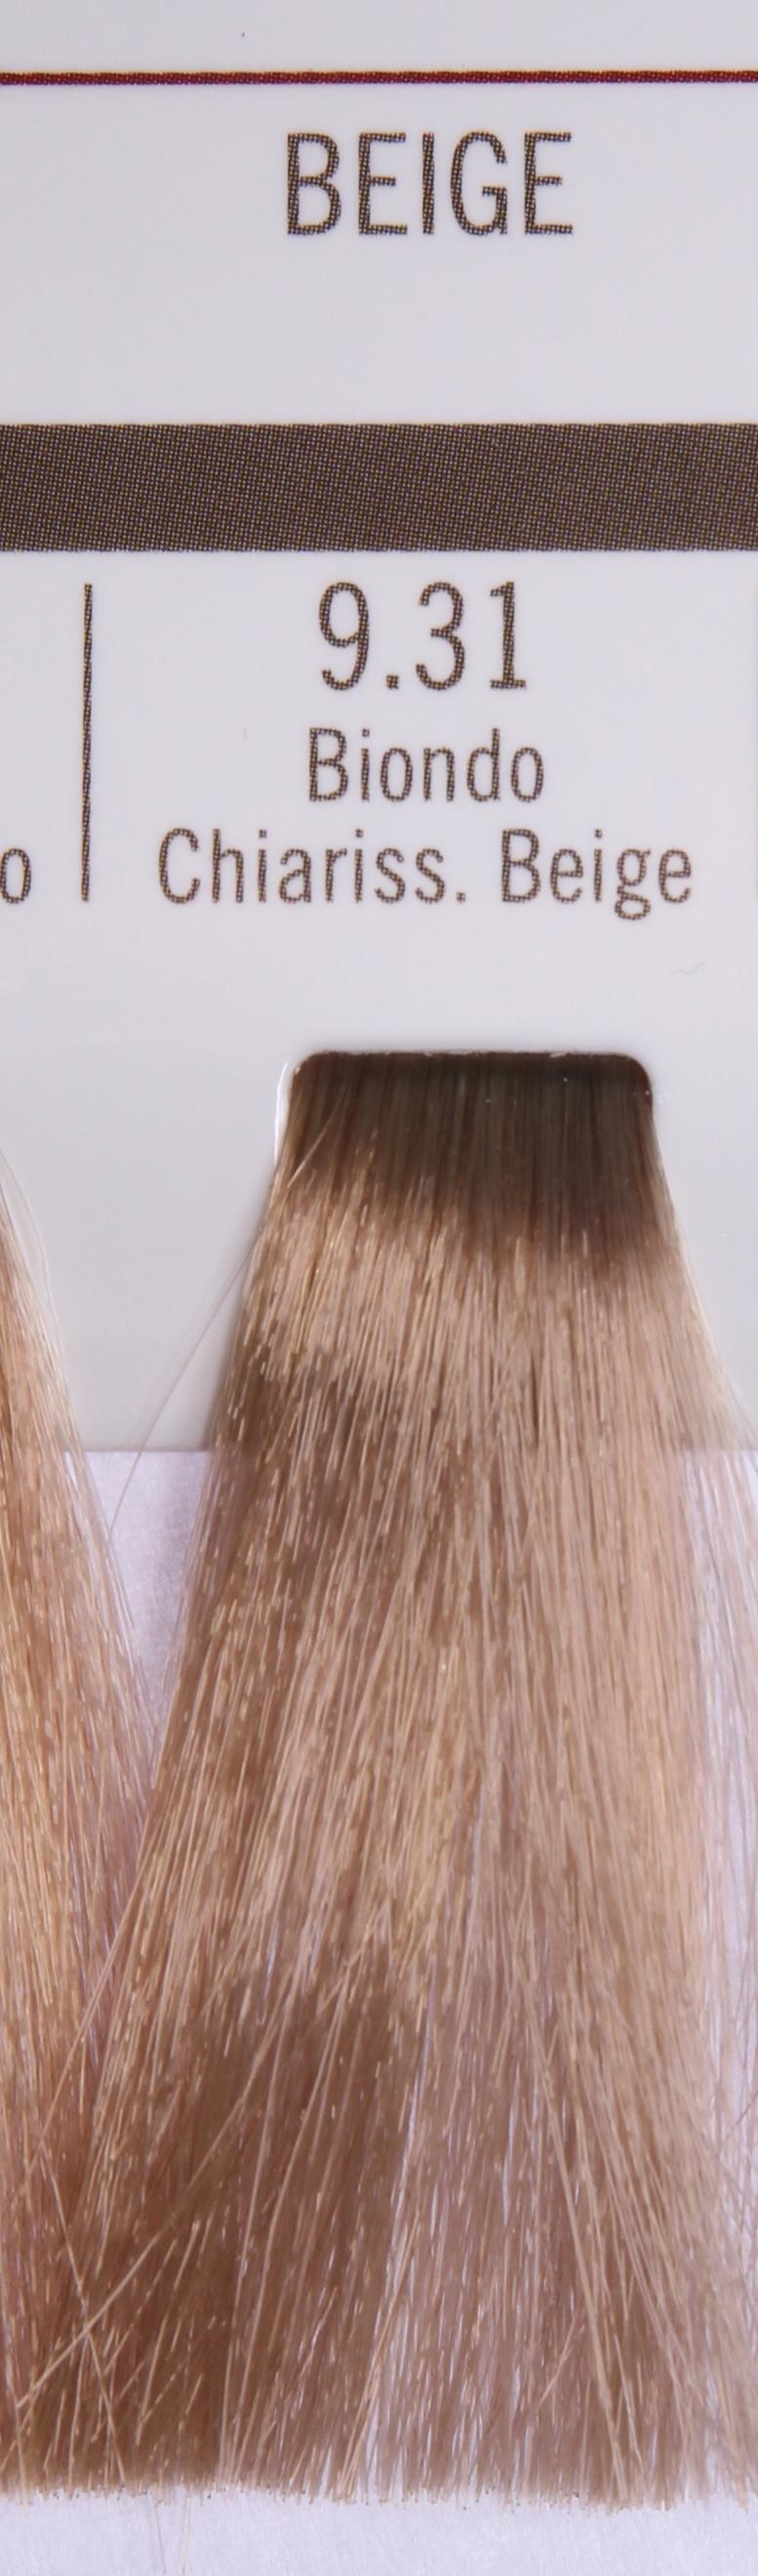 BAREX 9.31 краска для волос / PERMESSE 100млКраски<br>Оттенок: Супер светлый блондин бежевый. Профессиональная крем-краска Permesse отличается низким содержанием аммиака - от 1 до 1,5%. Обеспечивает блестящий и натуральный косметический цвет, 100% покрытие седых волос, идеальное осветление, стойкость и насыщенность цвета до следующего окрашивания. Комплекс сертифицированных органических пептидов M4, входящих в состав, действует с момента нанесения, увлажняя волосы, придавая им прочность и защиту. Пептиды избирательно оседают в самых поврежденных участках волоса, восстанавливая и защищая их. Масло карите оказывает смягчающее и успокаивающее действие. Комплекс пептидов и масло карите стимулируют проникновение пигментов вглубь структуры волоса, придавая им здоровый вид, блеск и долговечность косметическому цвету. Активные ингредиенты:&amp;nbsp;Сертифицированные органические пептиды М4 - пептиды овса, бразильского ореха, сои и пшеницы, объединенные в полифункциональный комплекс, придающий прочность окрашенным волосам, увлажняющий и защищающий их. Сертифицированное органическое масло карите (масло ши) - богато жирными кислотами, экстрагируется из ореха африканского дерева карите. Оказывает смягчающий и целебный эффект на кожу и волосы, широко применяется в косметической индустрии. Масло карите защищает волосы от неблагоприятного воздействия внешней среды, интенсивно увлажняет кожу и волосы, т.к. обладает высокой степенью абсорбции, не забивает поры. Способ применения:&amp;nbsp;Крем-краска готовится в смеси с Молочком-оксигентом Permesse 10/20/30/40 объемов в соотношении 1:1 (например, 50 мл крем-краски + 50 мл молочка-оксигента). Молочко-оксигент работает в сочетании с крем-краской и гарантирует идеальное проявление краски. Тюбик крем-краски Permesse содержит 100 мл продукта, количество, достаточное для 2 полных нанесений. Всегда надевайте подходящие специальные перчатки перед подготовкой и нанесением краски. Подготавливайте смесь крем-краски и молочка-оксигента Permesse